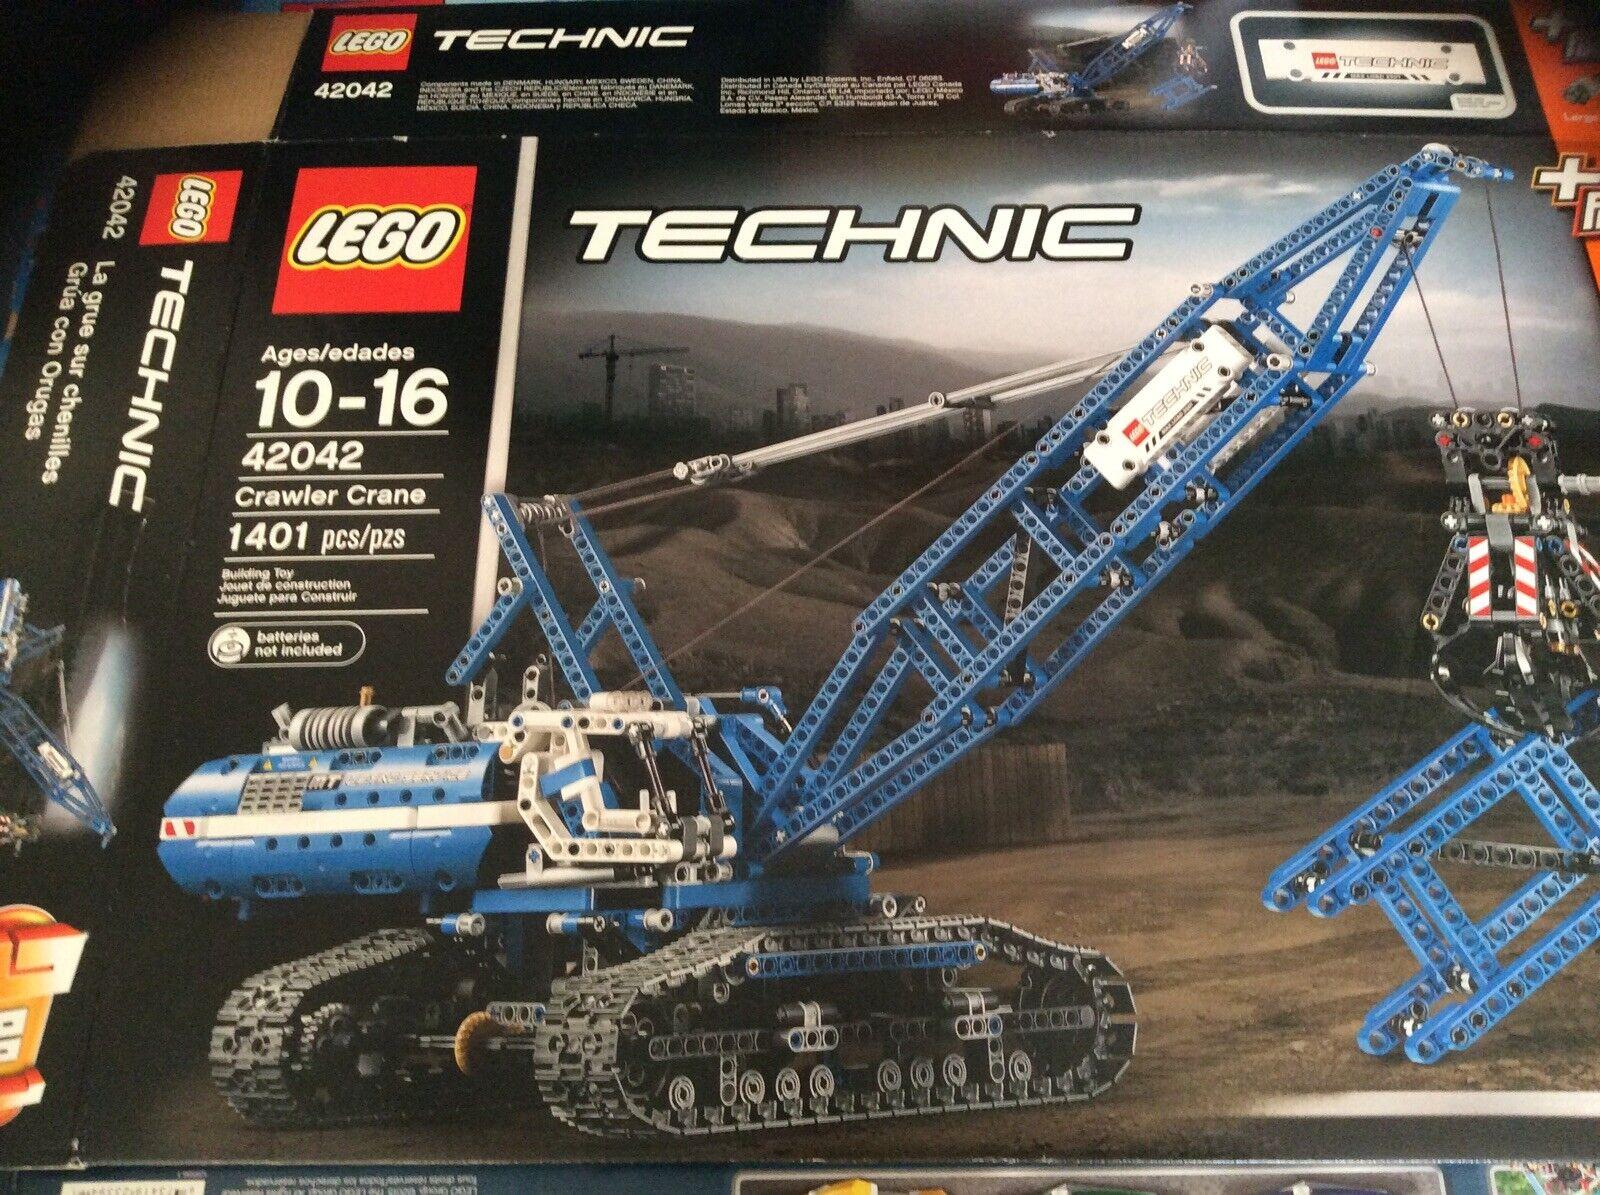 FACTORY CASE seuleHommest LEGO TECHNIC  42042 Crawler Crane Power Functions  vente au rabais